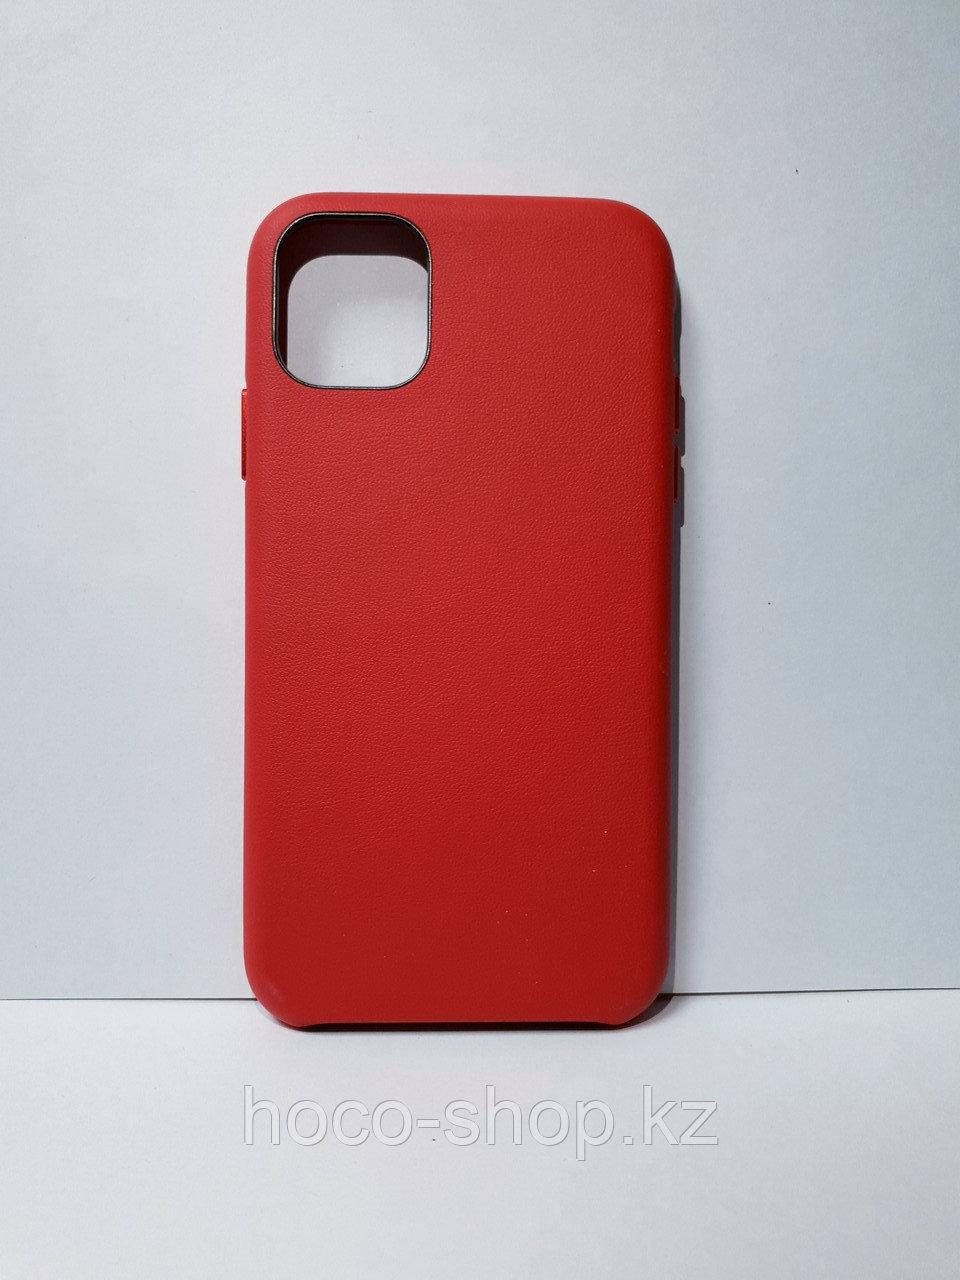 Кожаный защитный чехол для iPhone 11 красный